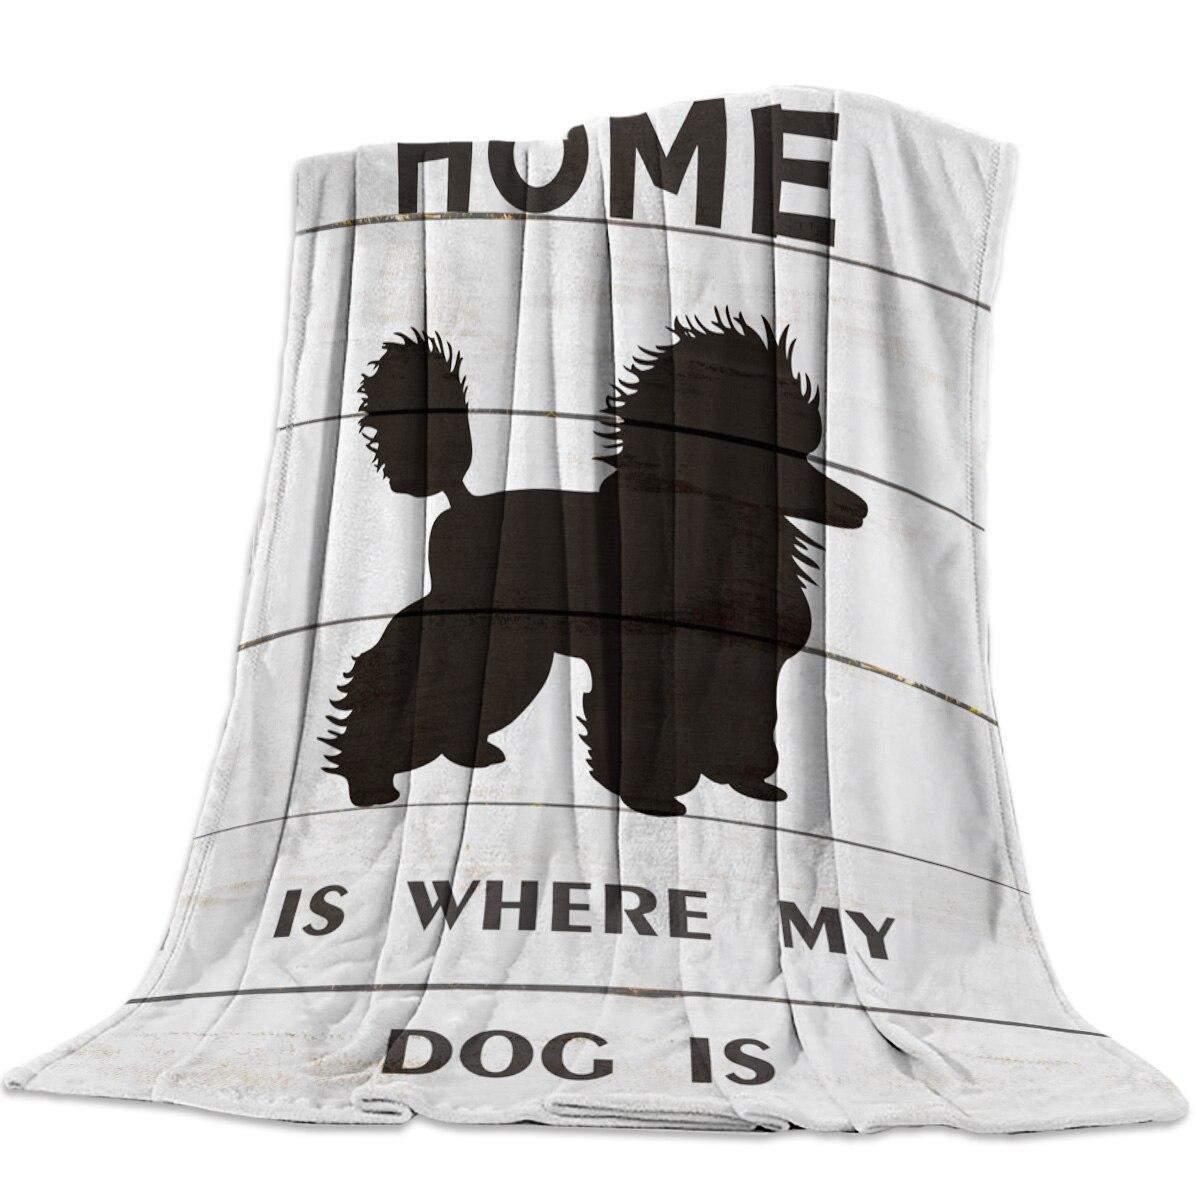 Пудель на доске, дом, где моя собака коралловый флис пушистые одеяла на кровать кидает простыня для детей девочек